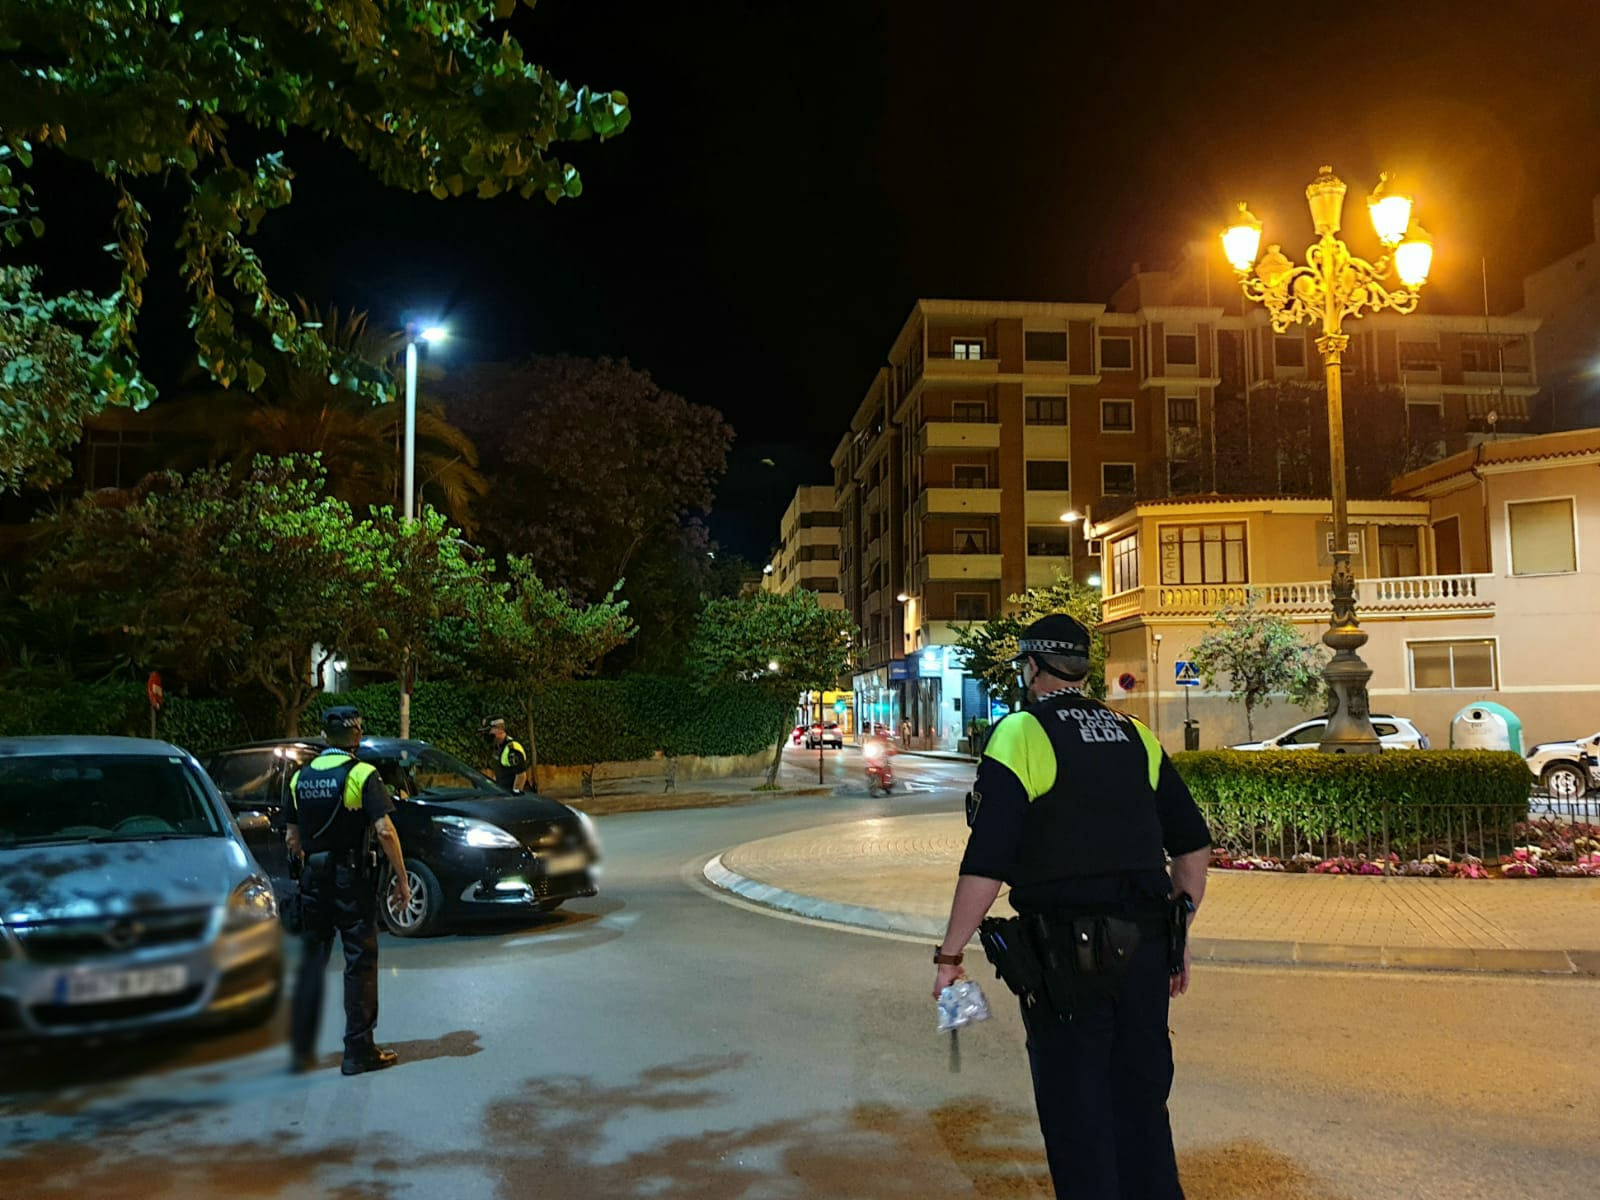 La Policia Local de Elda impone durante el fin de semana catorce multas por conducir bajo los efectos del alcohol y las drogas o sin carné